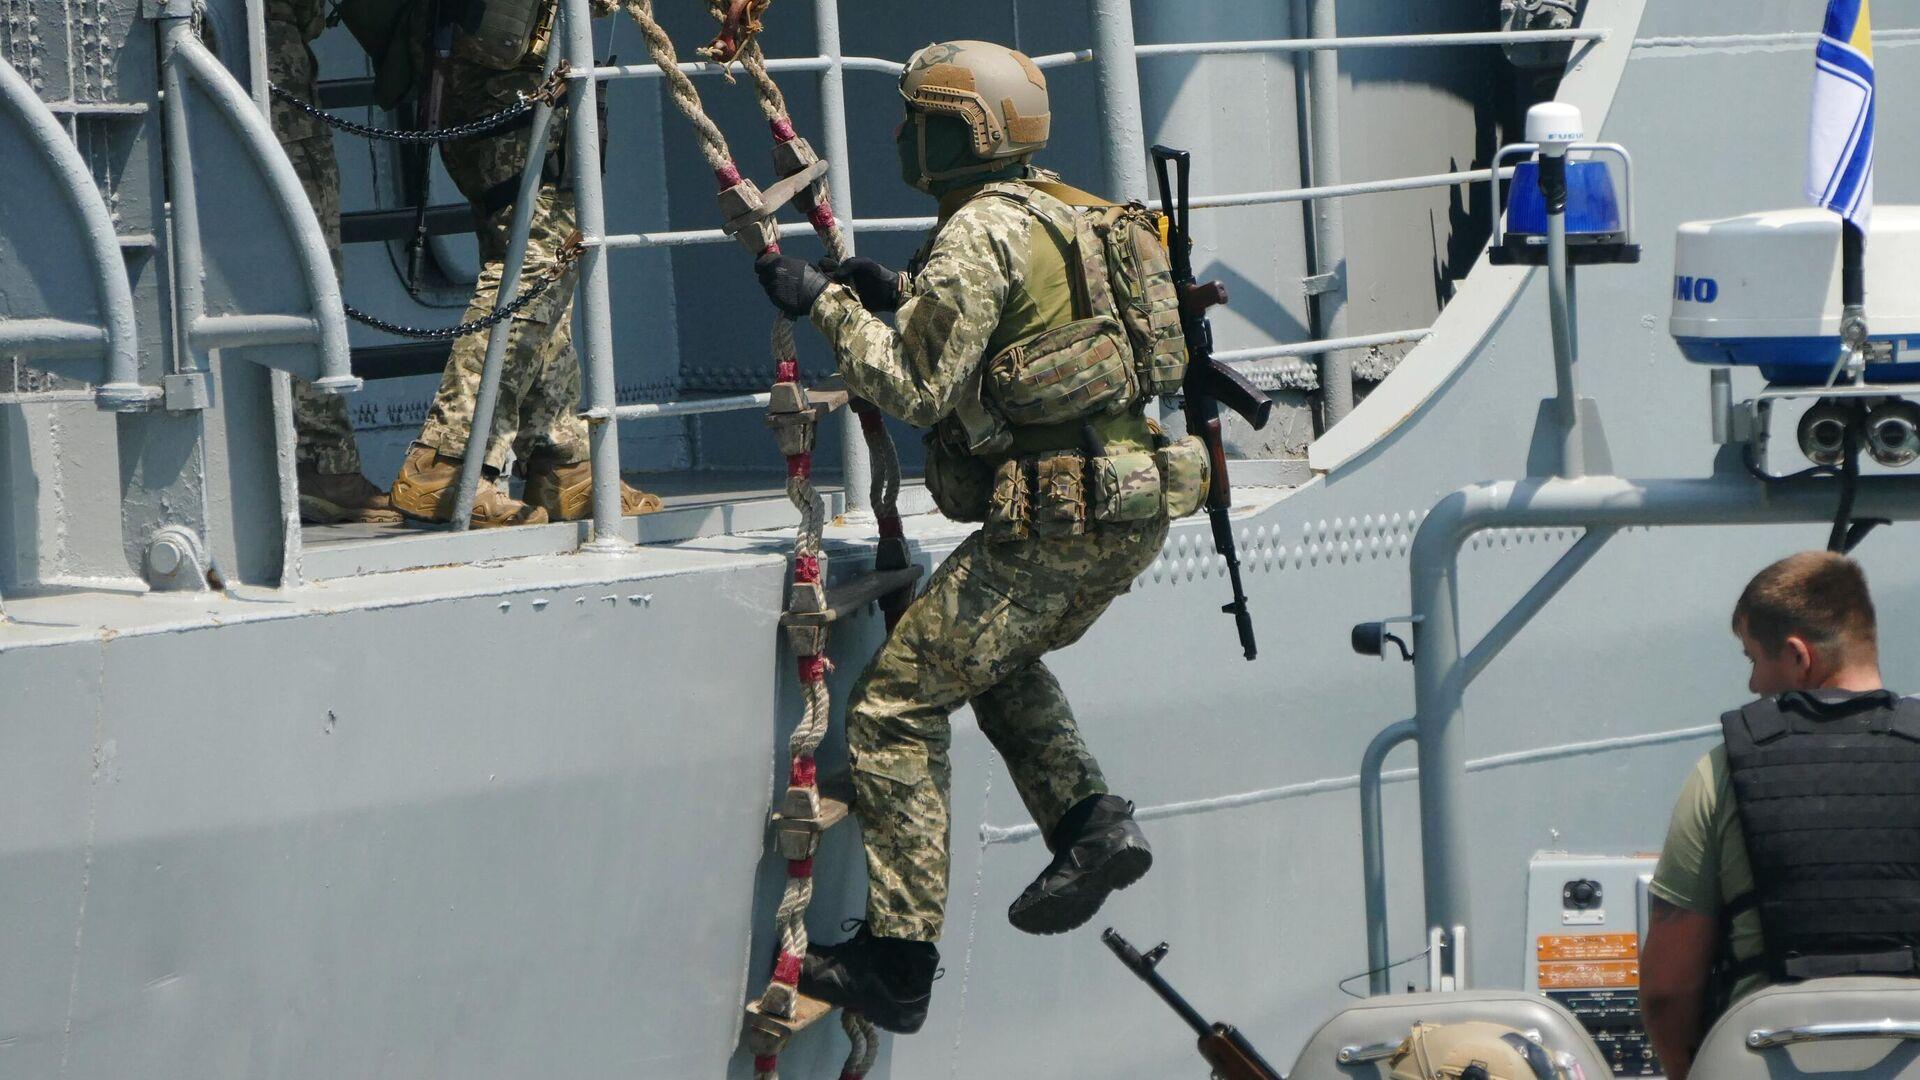 Военнослужащие отрабатывают действия против захвата кораблей в Черном море в рамках международных учений Sea Breeze - РИА Новости, 1920, 28.06.2021